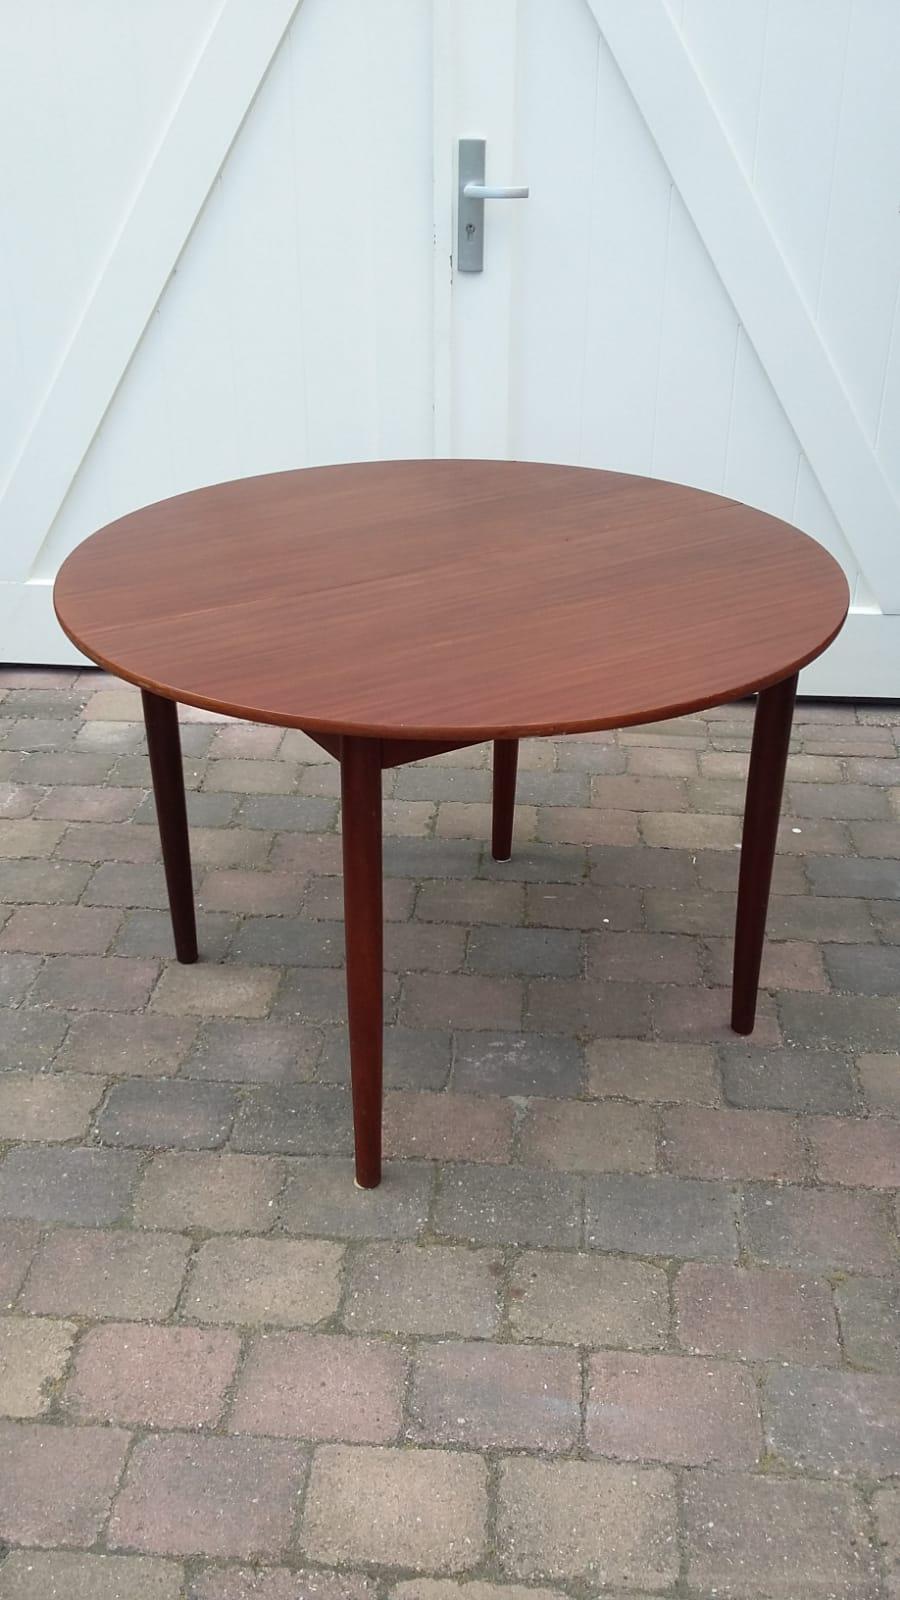 Ronde Teak Tafel Uitschuifbaar.Verkocht Ronde Uitschuifbare Tafel Teak Loos Vintage Furniture